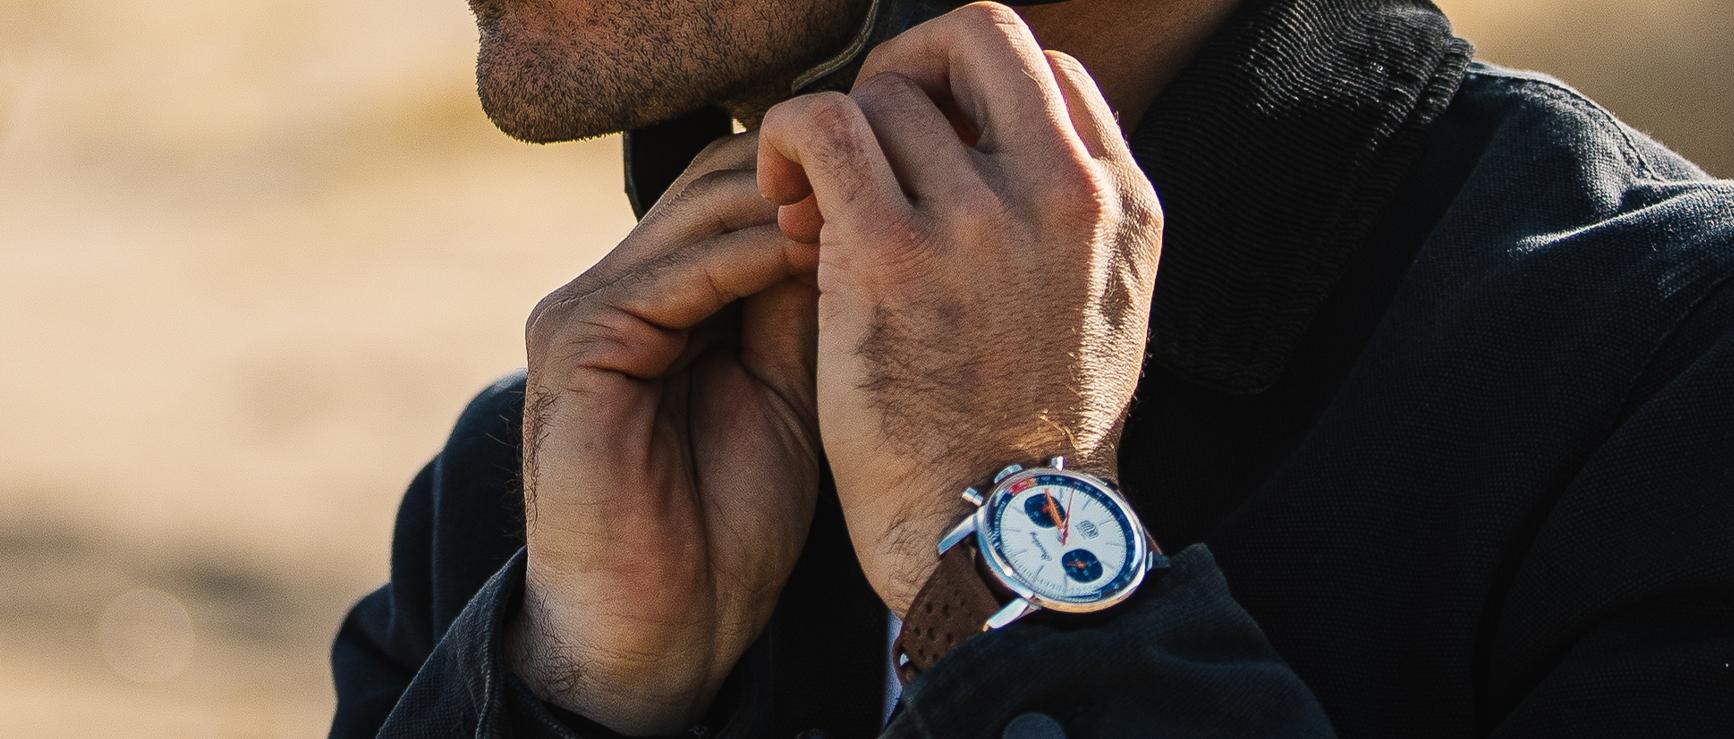 Koop nu het Breitling Top Time Deus horloge bij Schaap en Citroen, slecht 4 stuks beschikbaar!